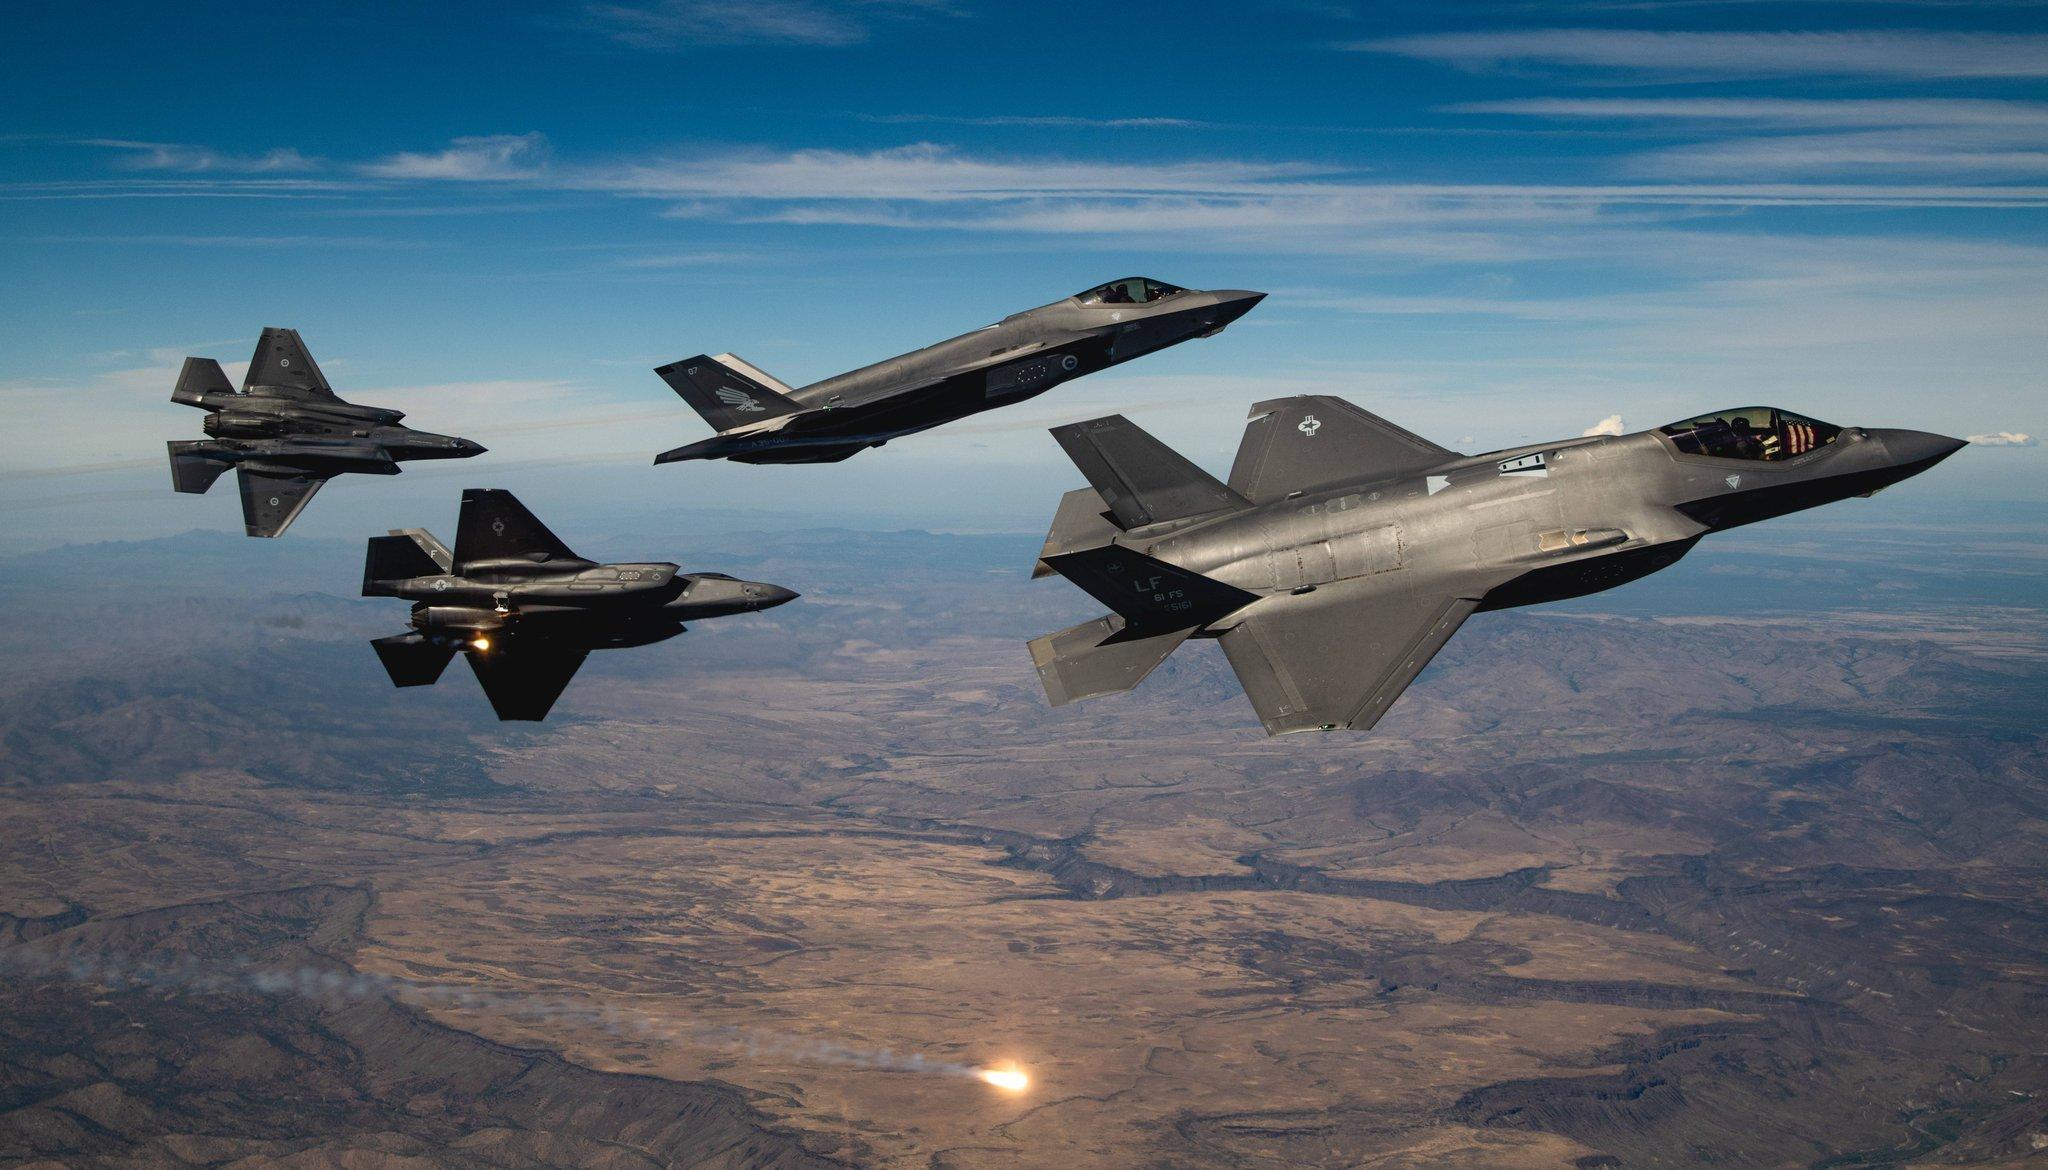 美国空军和澳洲空军的F-35A Lightning II飞机于2020年10月8日飞越大